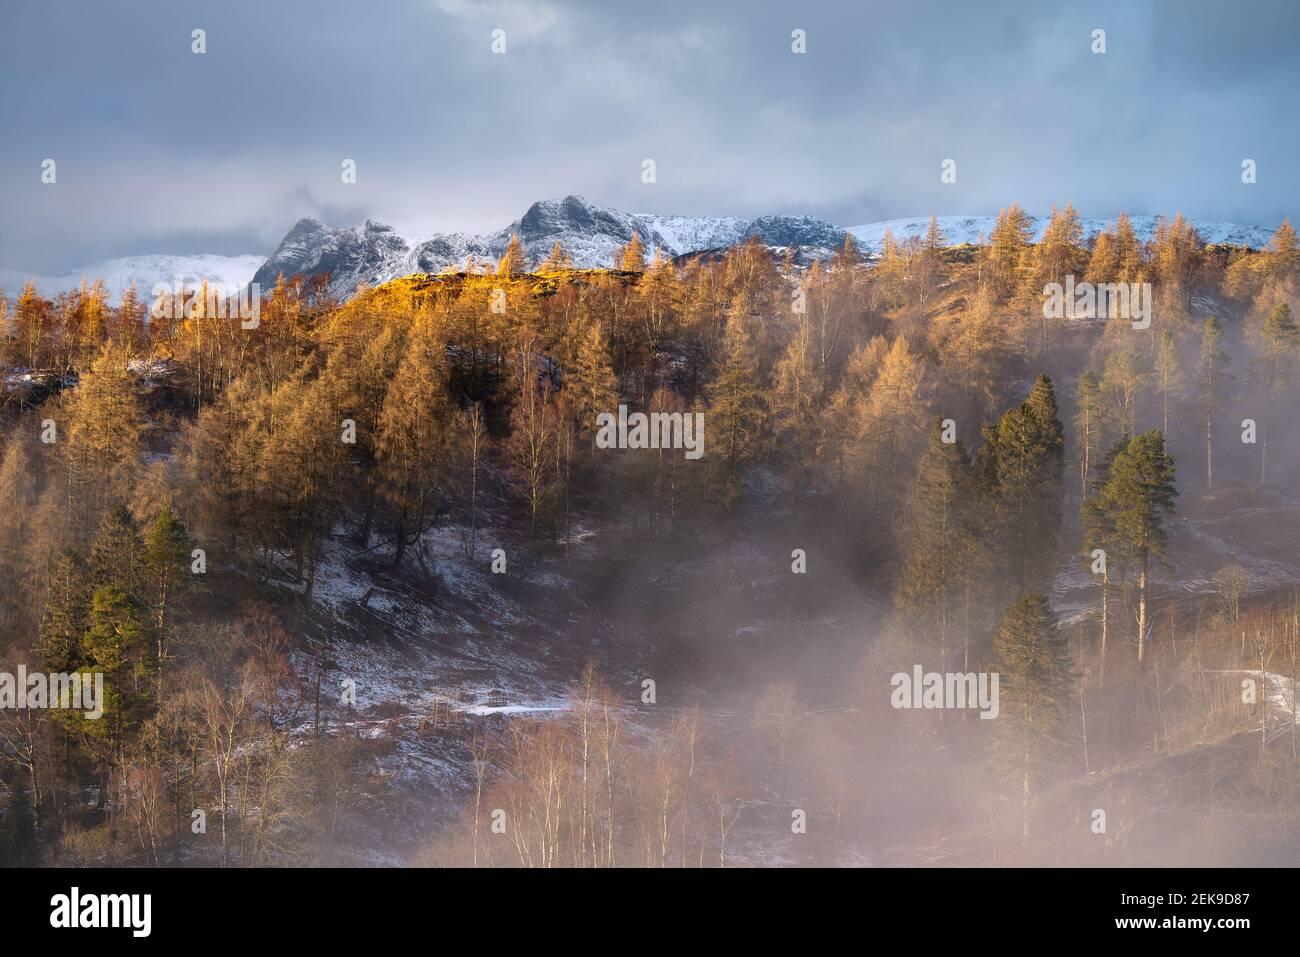 Paysage alpin doré avec montagnes enneigées et ciel spectaculaire. Pris un après-midi d'hiver à Tarn Hows en regardant les Langdale Pikes. Banque D'Images